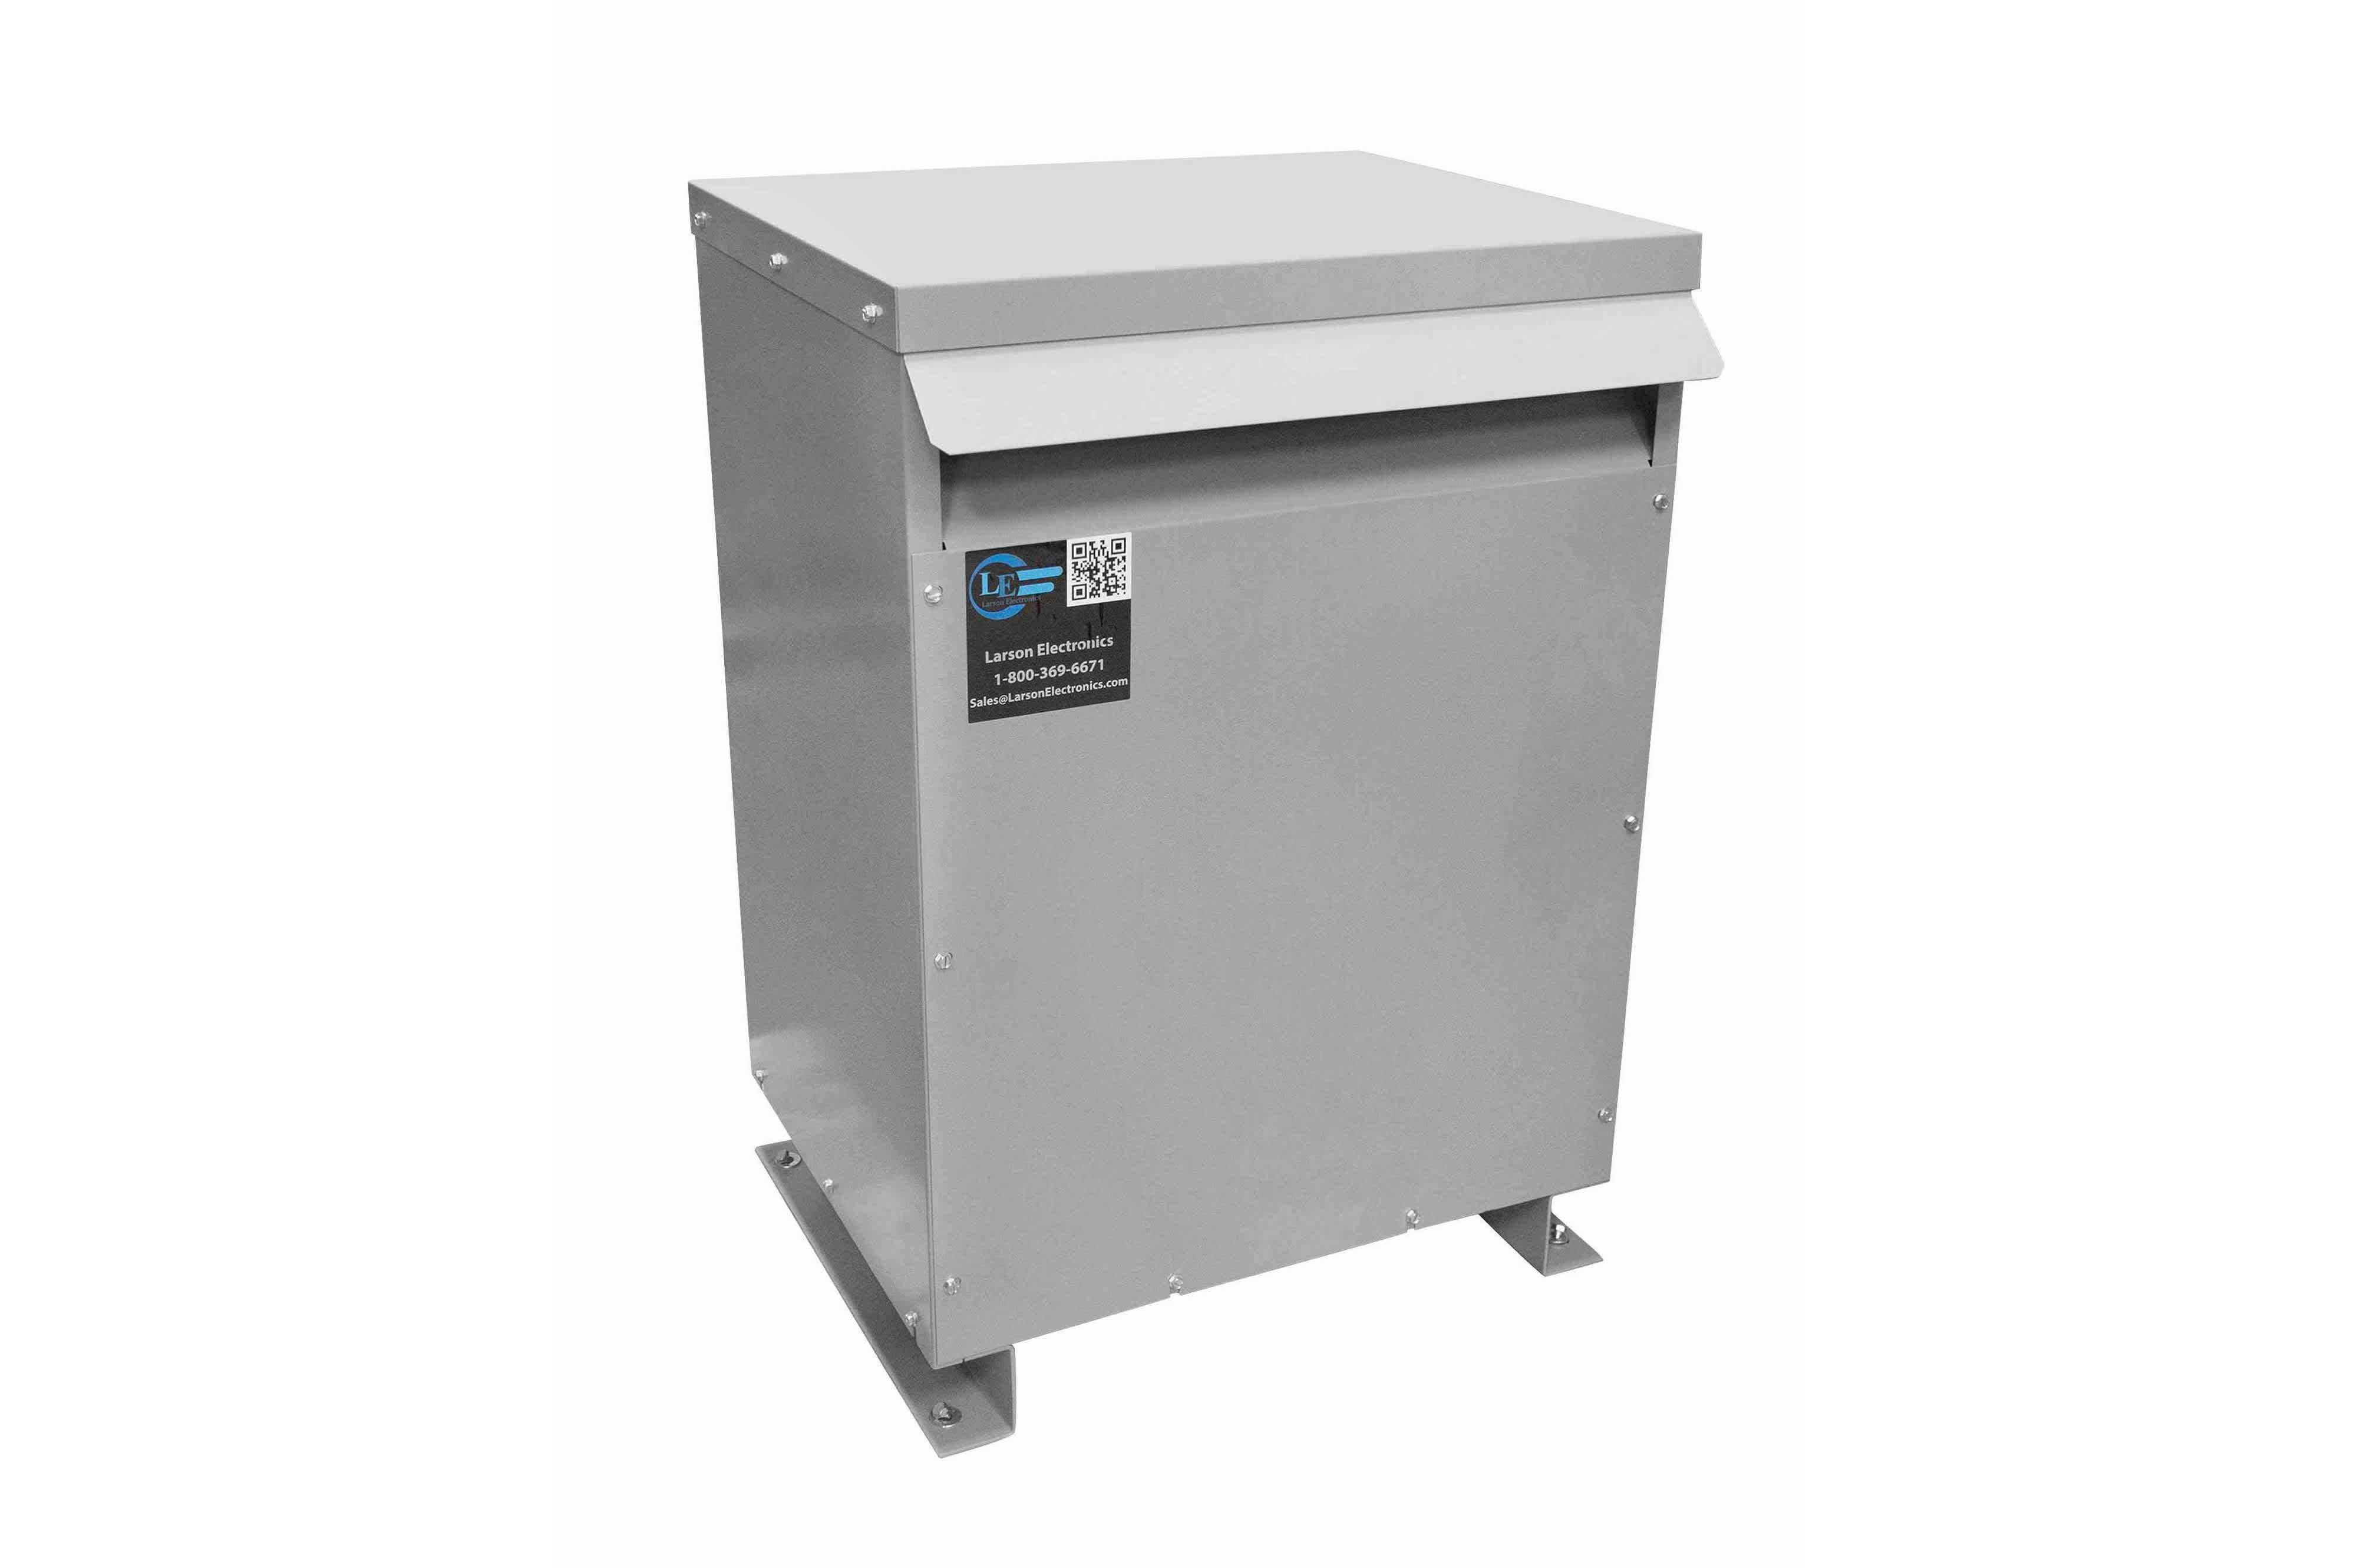 40 kVA 3PH Isolation Transformer, 240V Delta Primary, 480V Delta Secondary, N3R, Ventilated, 60 Hz